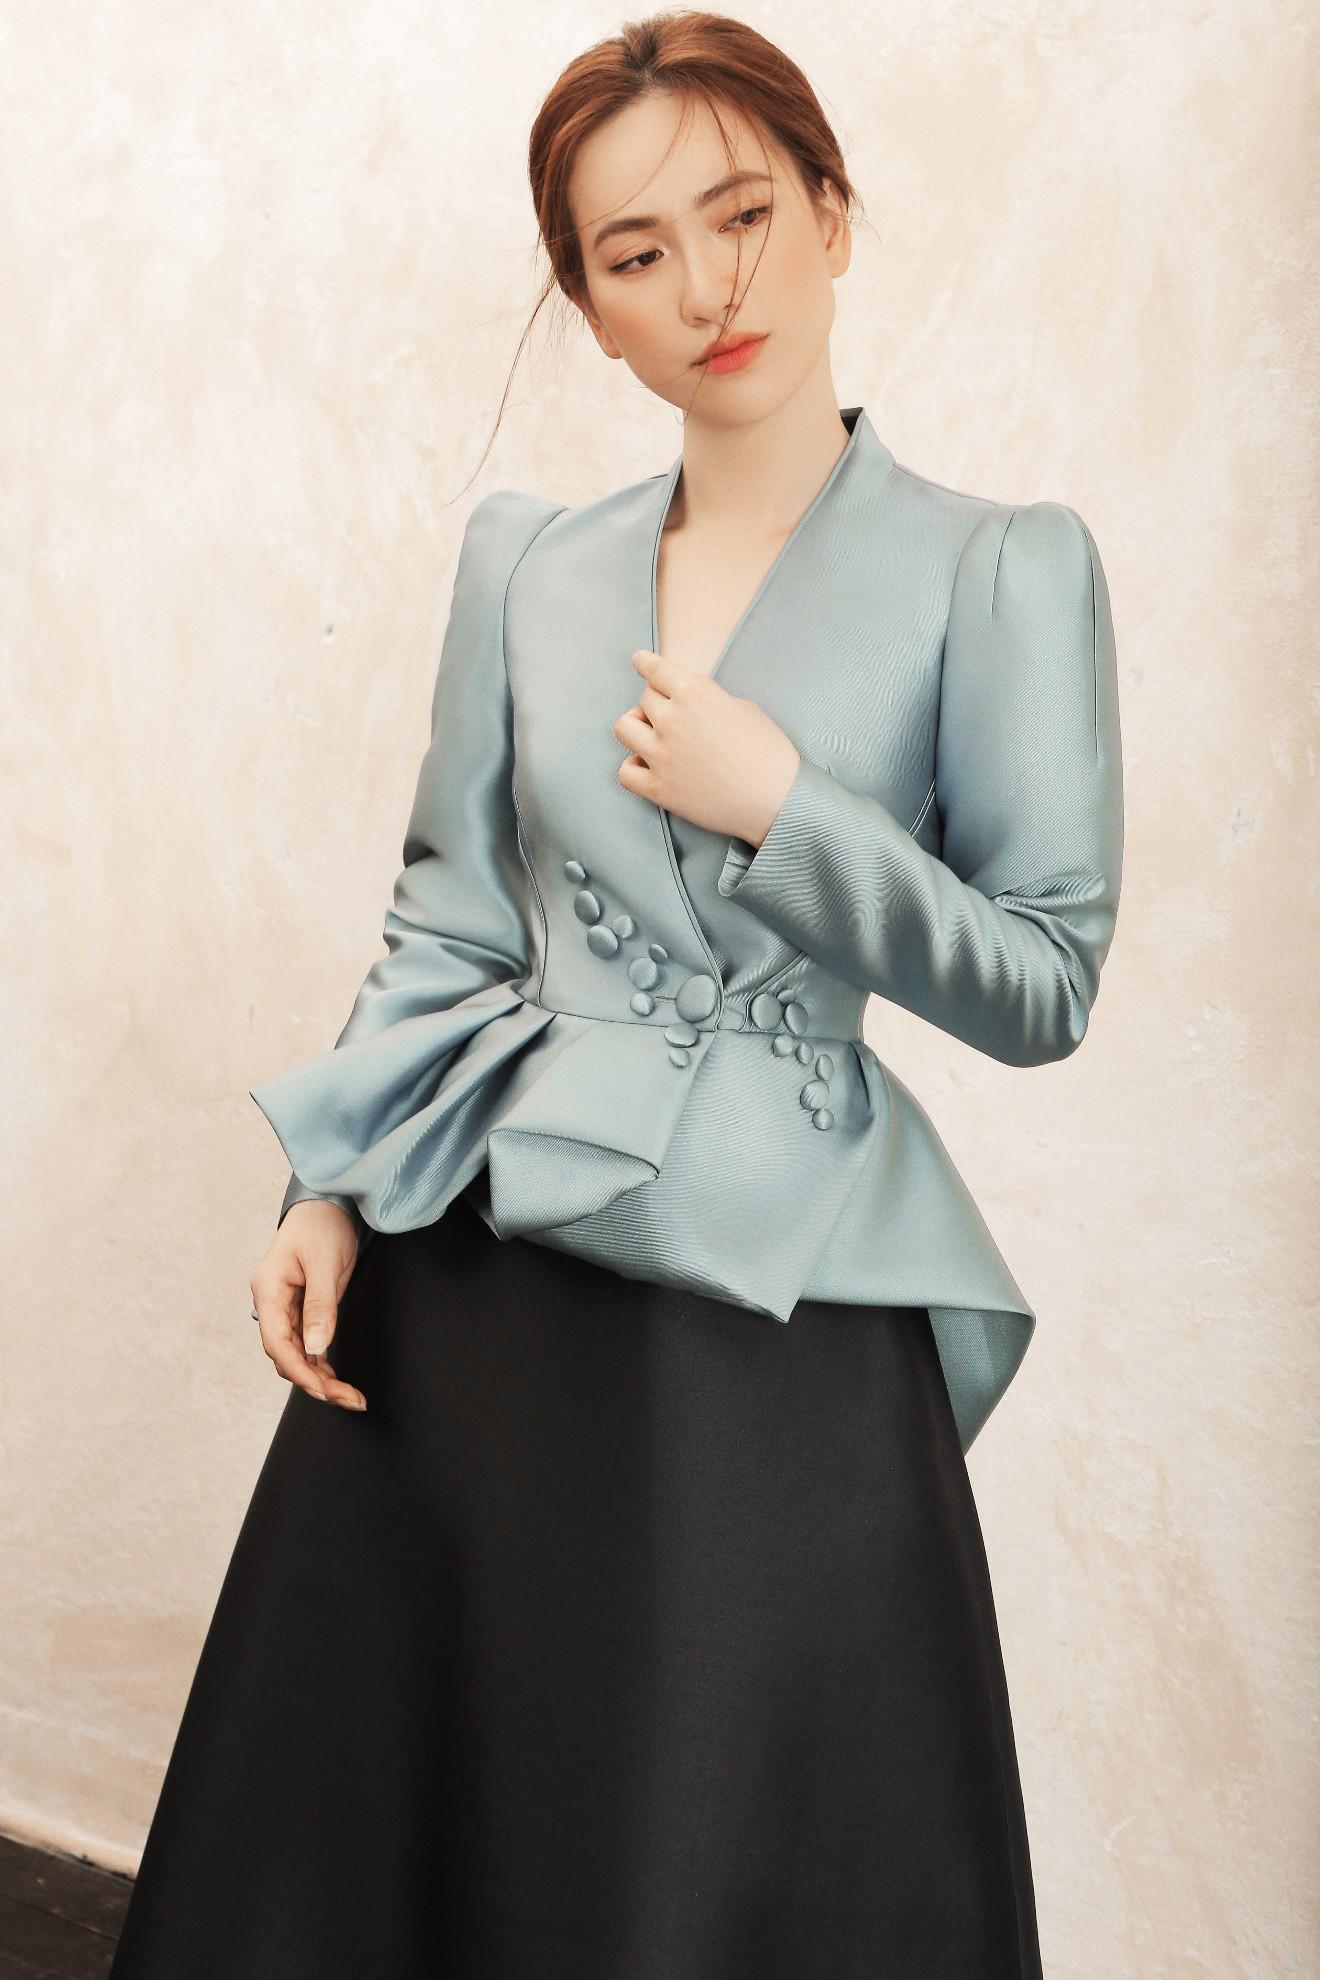 """Sau """"Chàng vợ của em"""", Phương Anh Đào đầy xinh đẹp, cuốn hút trong BST từng xuất hiện trên Vogue của PHUONG MY - Ảnh 6."""